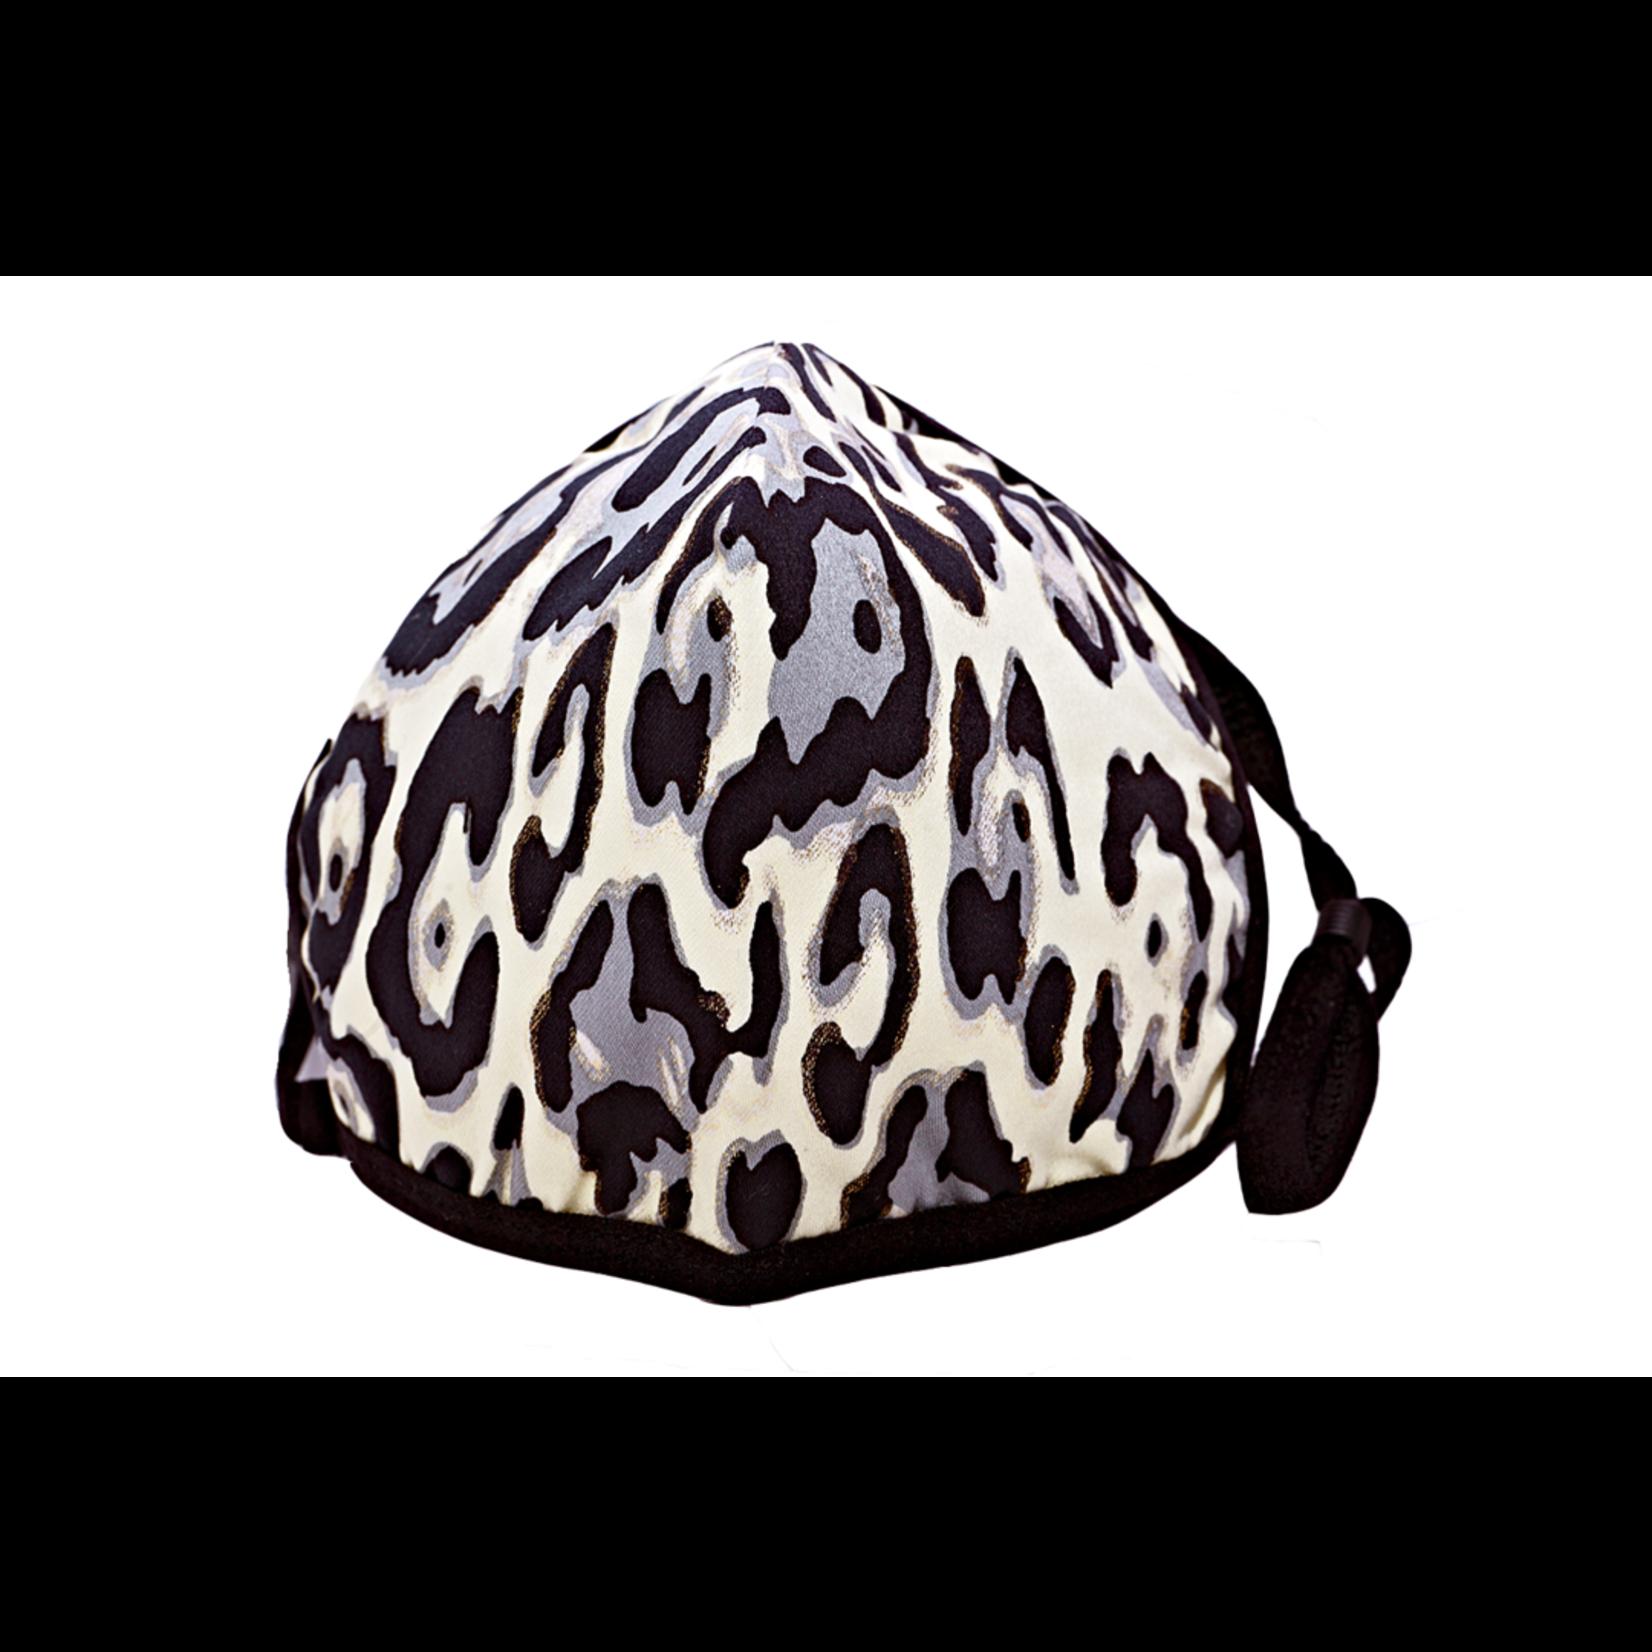 Berek Black and Silver Leopard Foil Mask